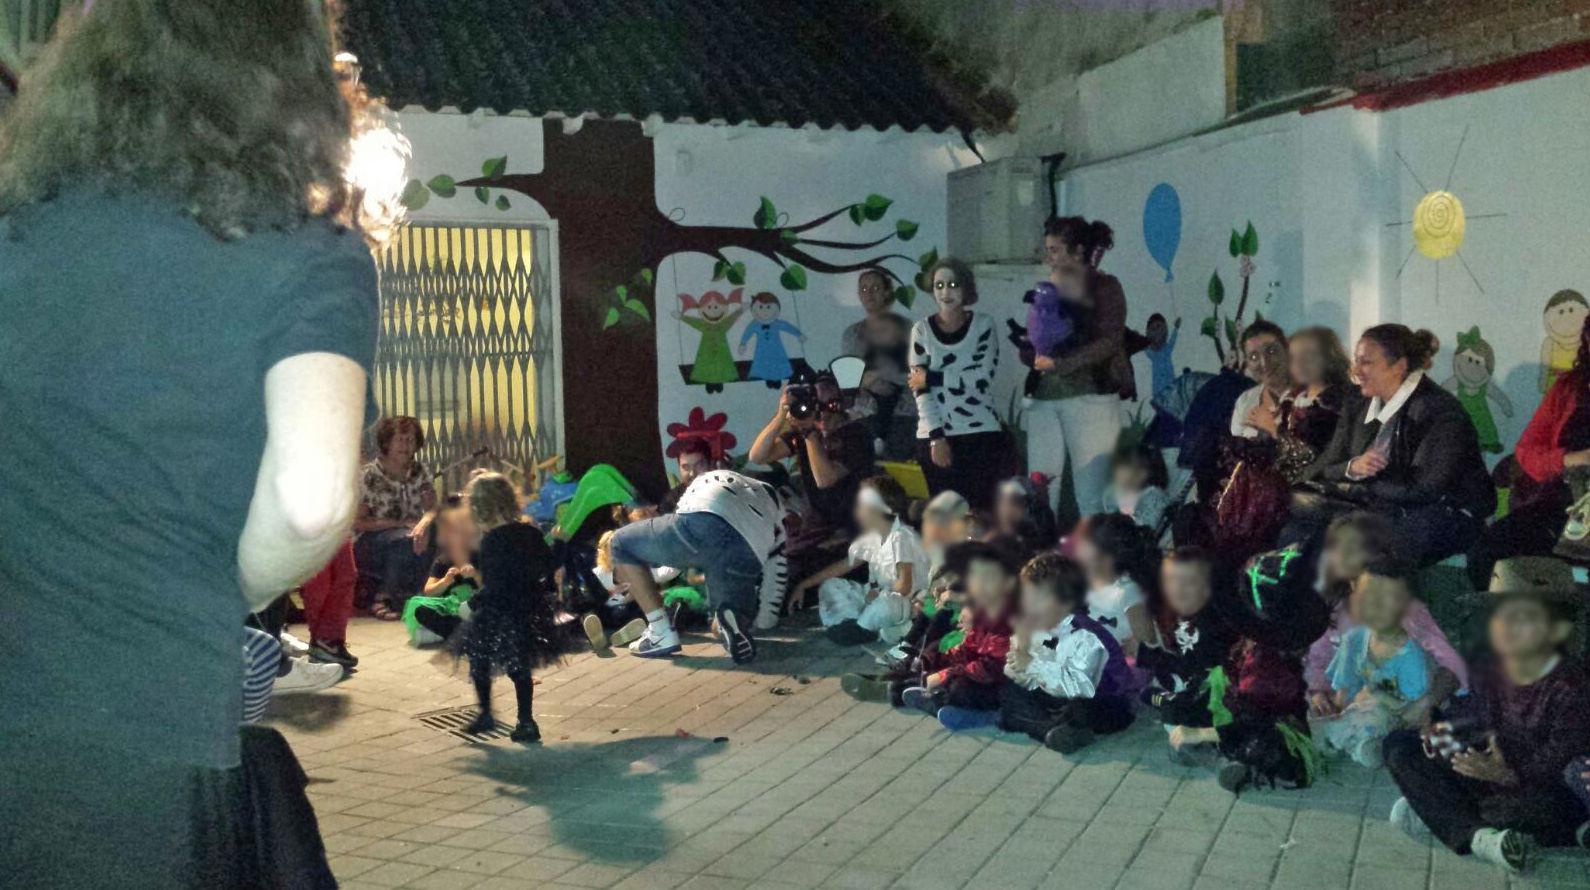 Celebrando Halloween en nuestras instalaciones